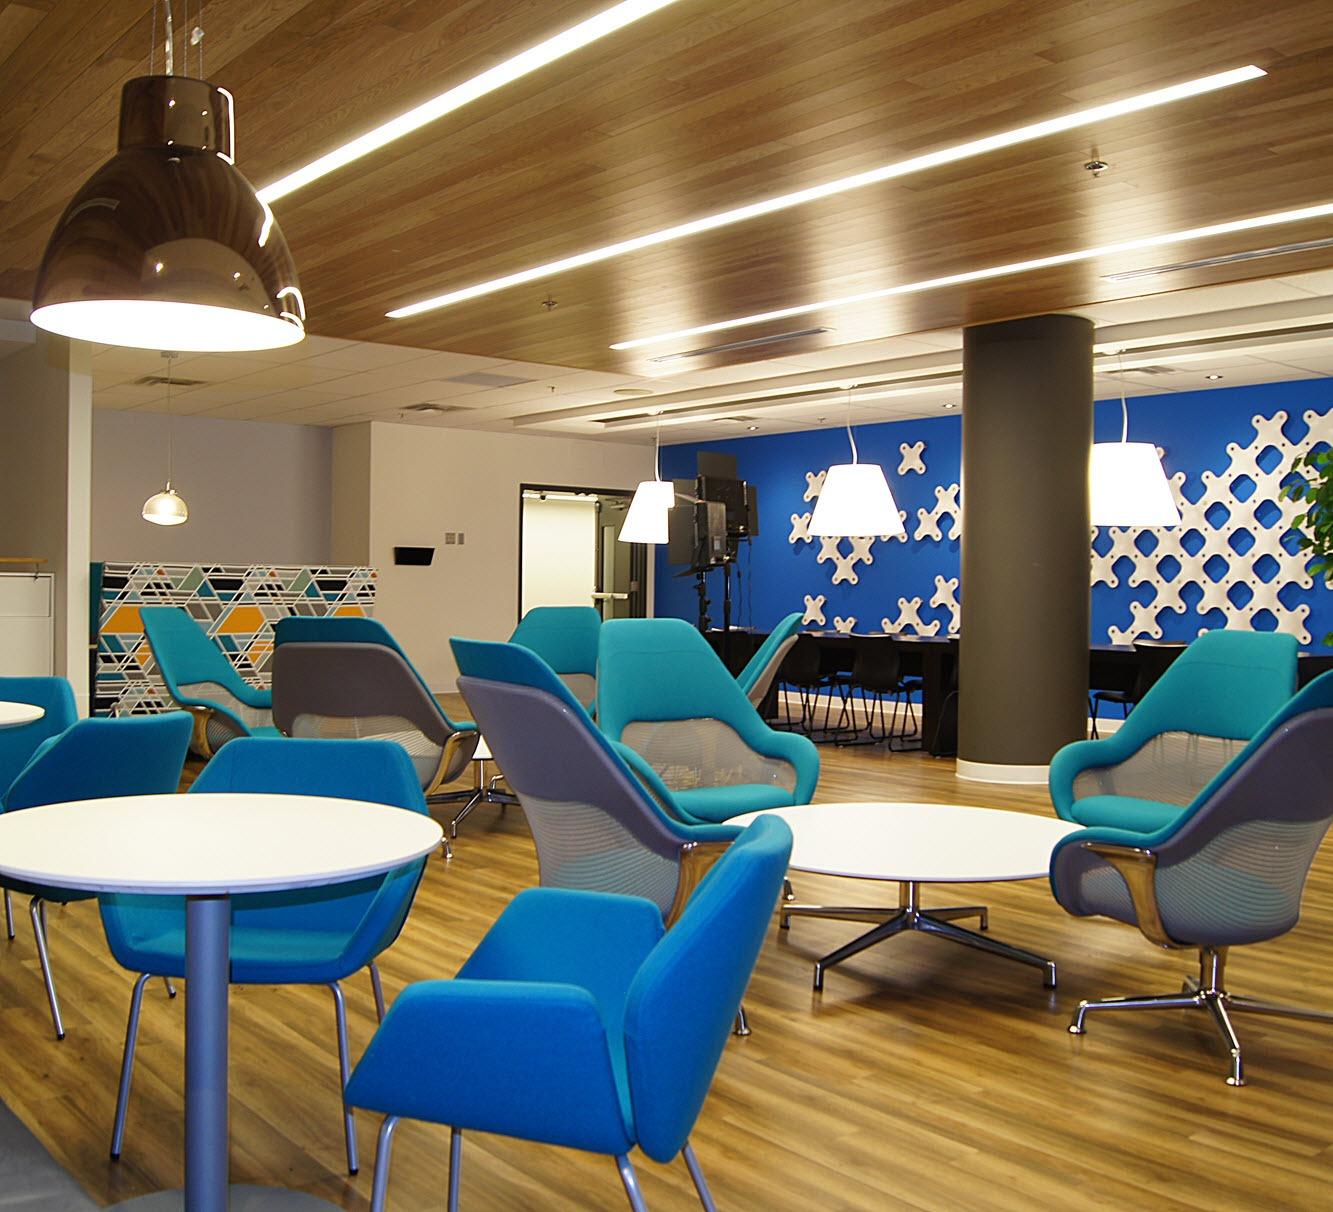 Groupe Leclerc Accueil Experiences et design - Accueil Groupe Leclerc Architectes et designers